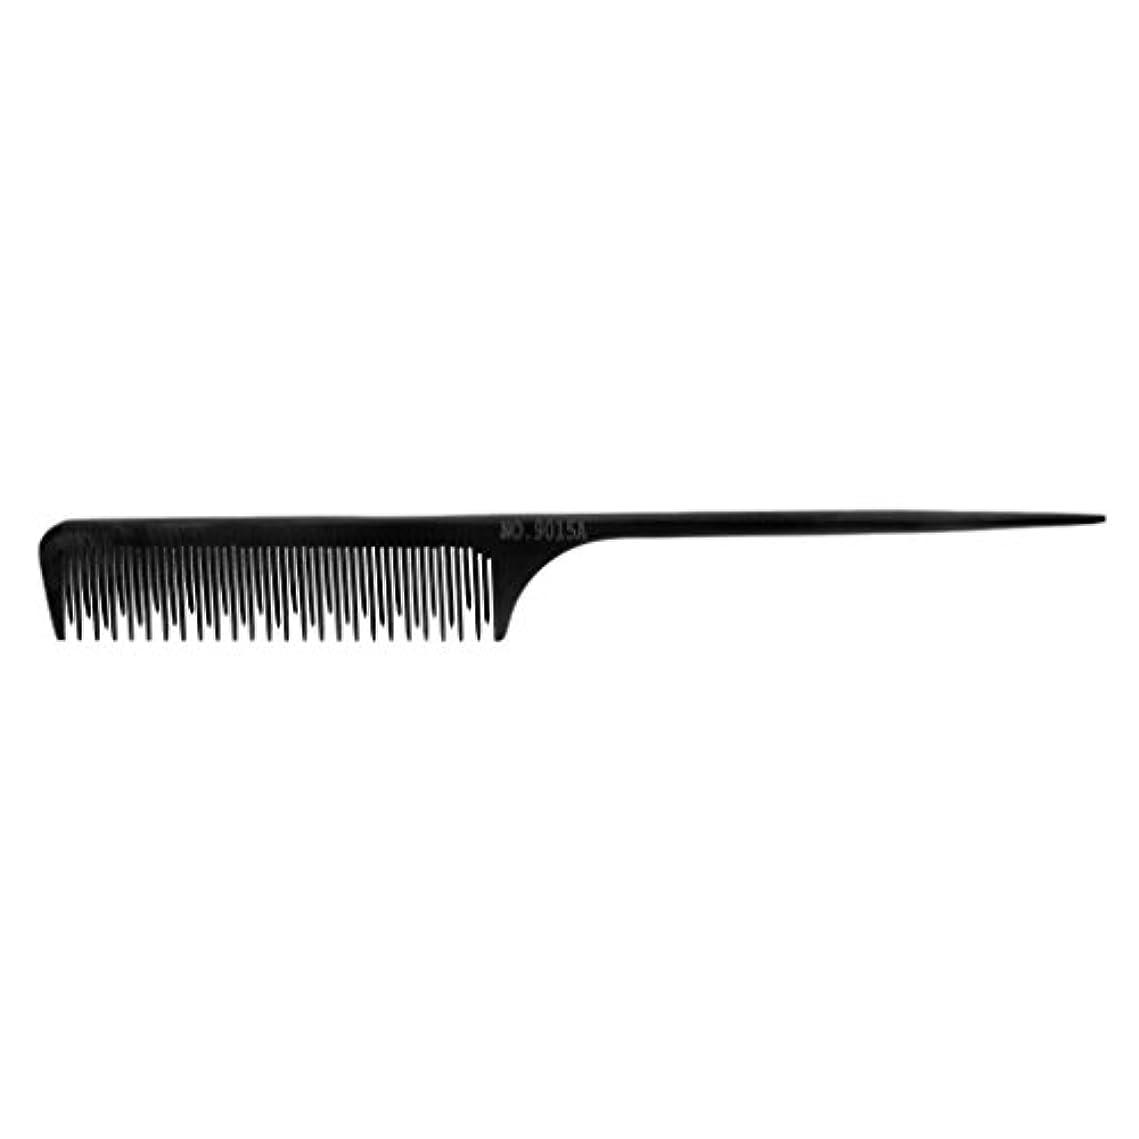 住むレッスン遡るHomyl テールコーム 櫛 コーム サロン 理髪師 テールチップ スタイリングツール 耐久性 耐熱性